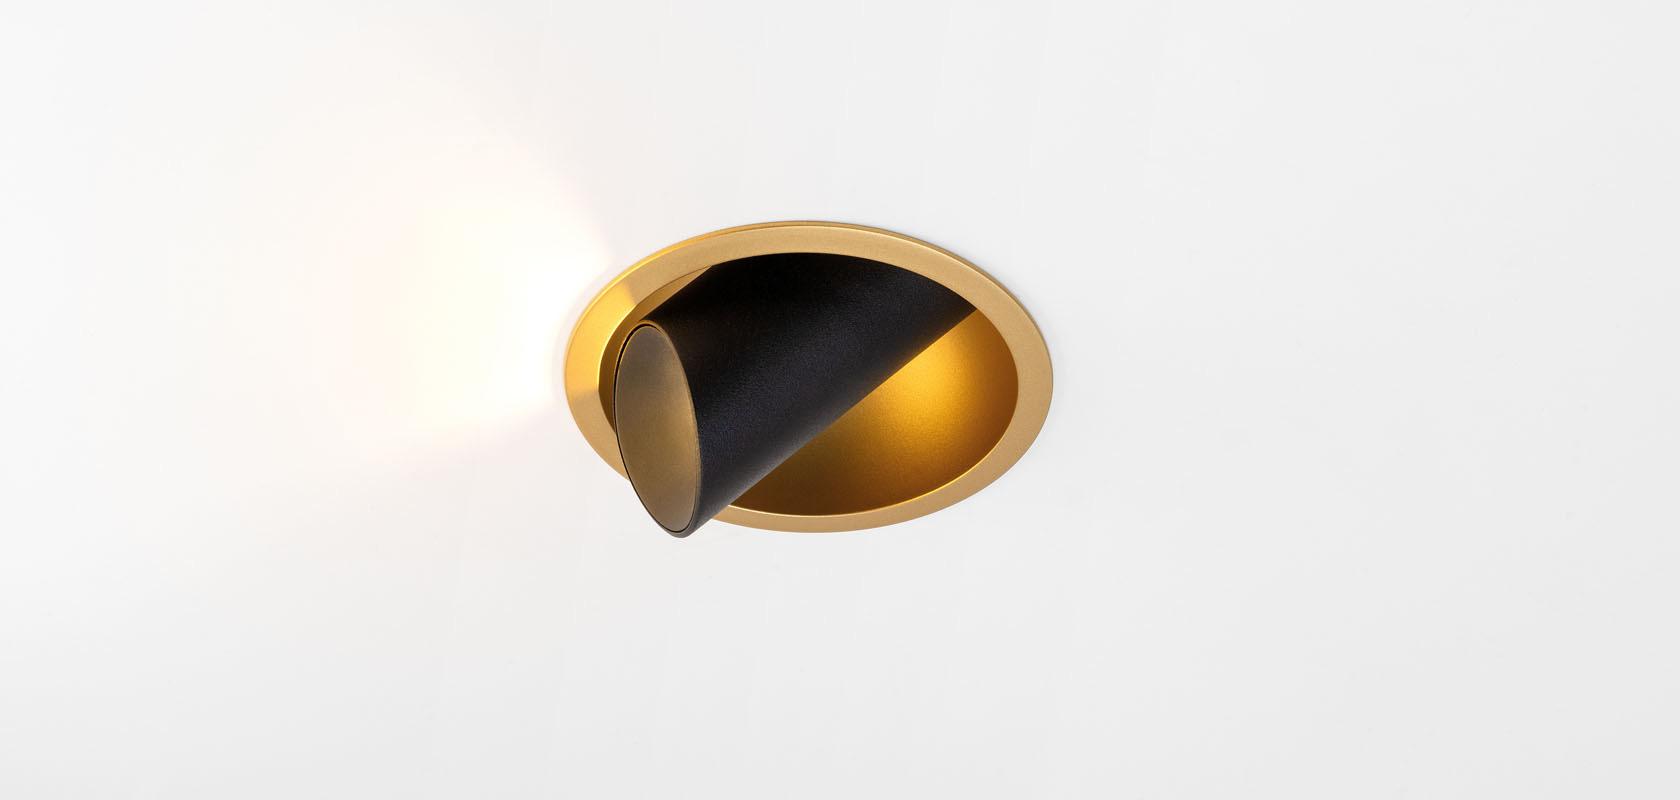 Süvisvalgusti Hollow LED 8.5W 474lm 3000K 30° läätsega, suunatav h 360° v 90°, must-kuldne